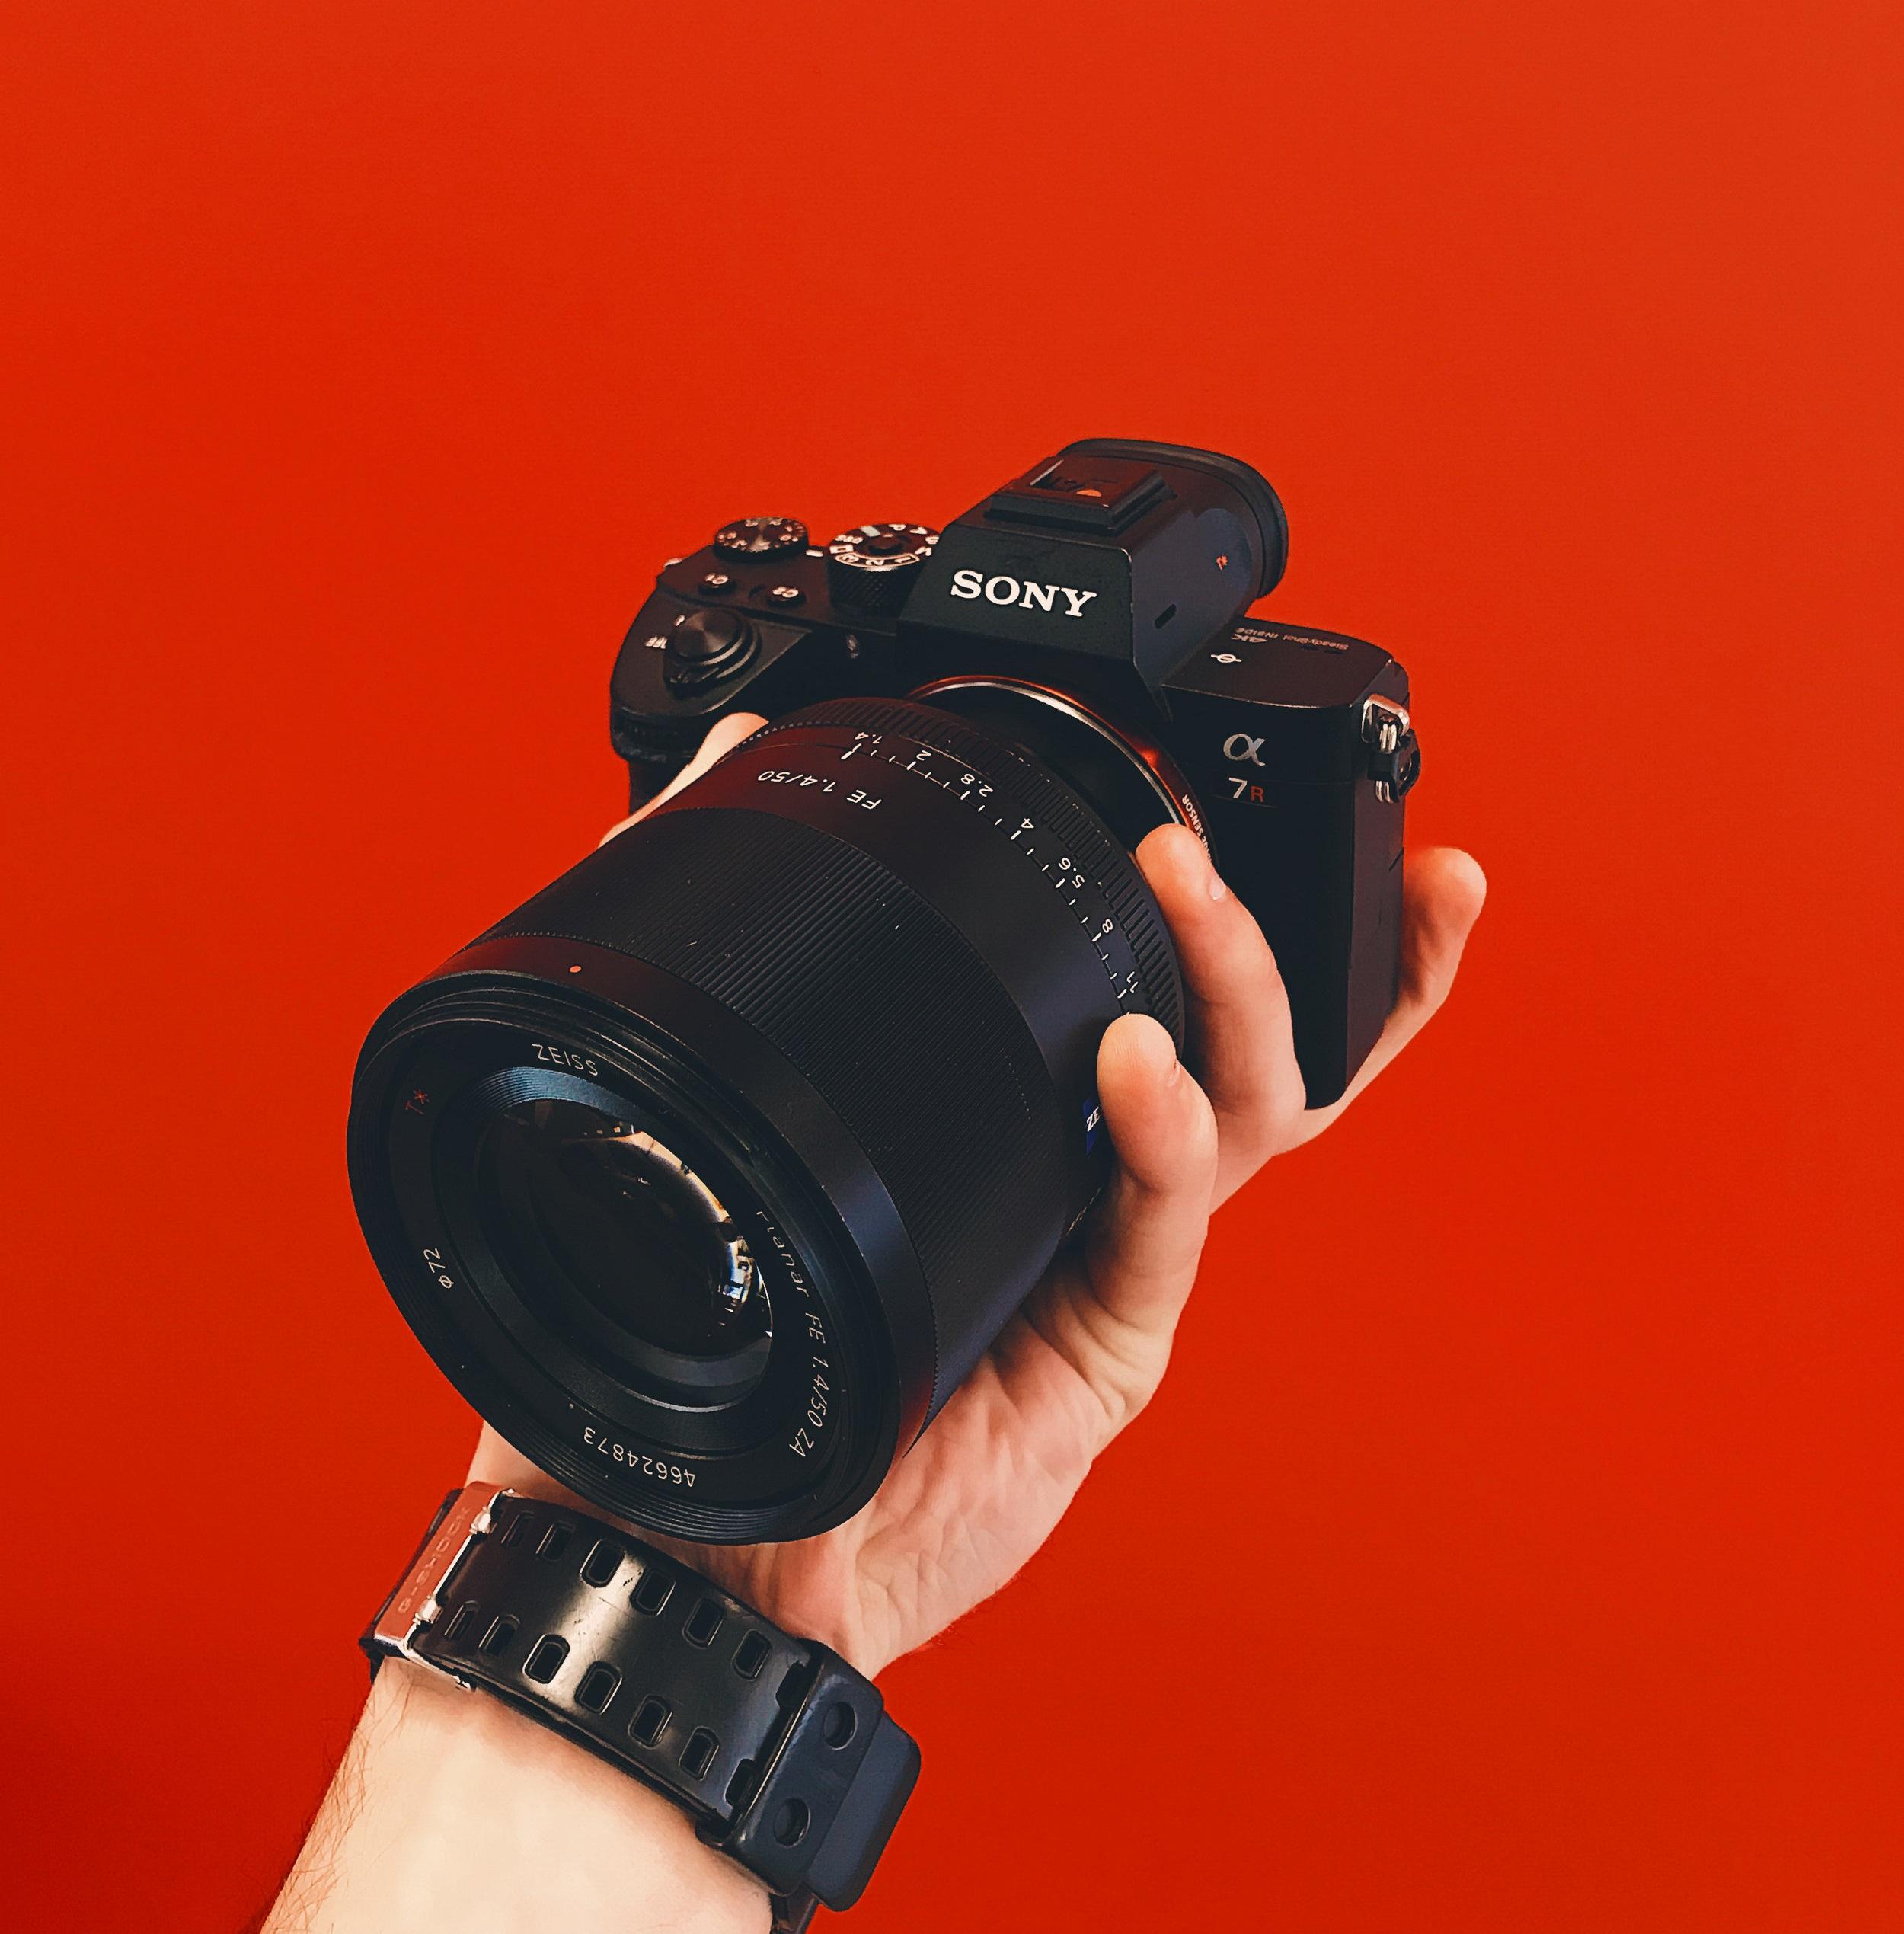 Sony+camera+copy.jpg